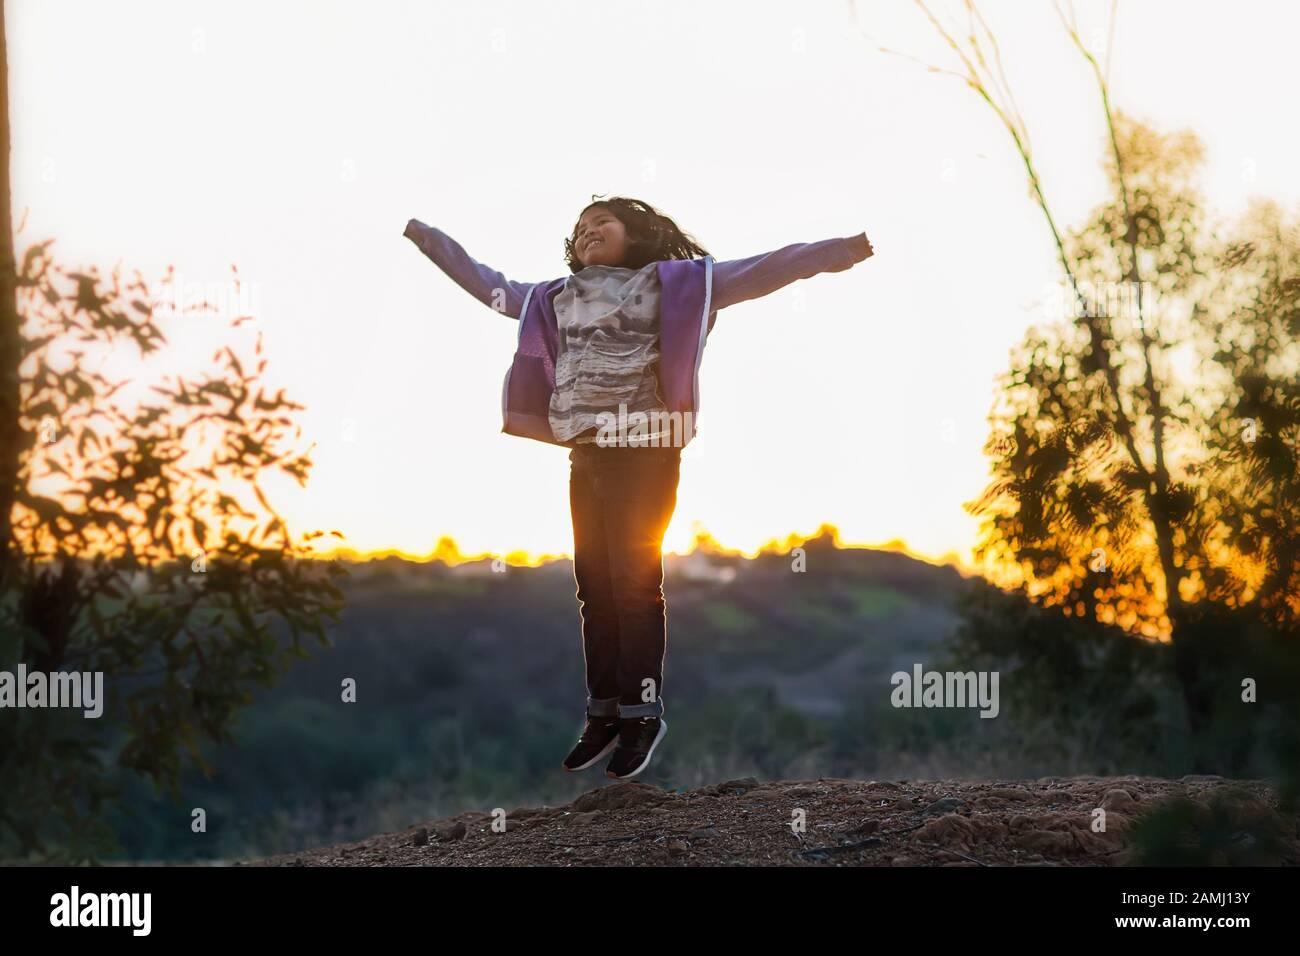 Una joven saltando con brazos arriba en la cima de una colina durante una puesta de sol. Foto de stock